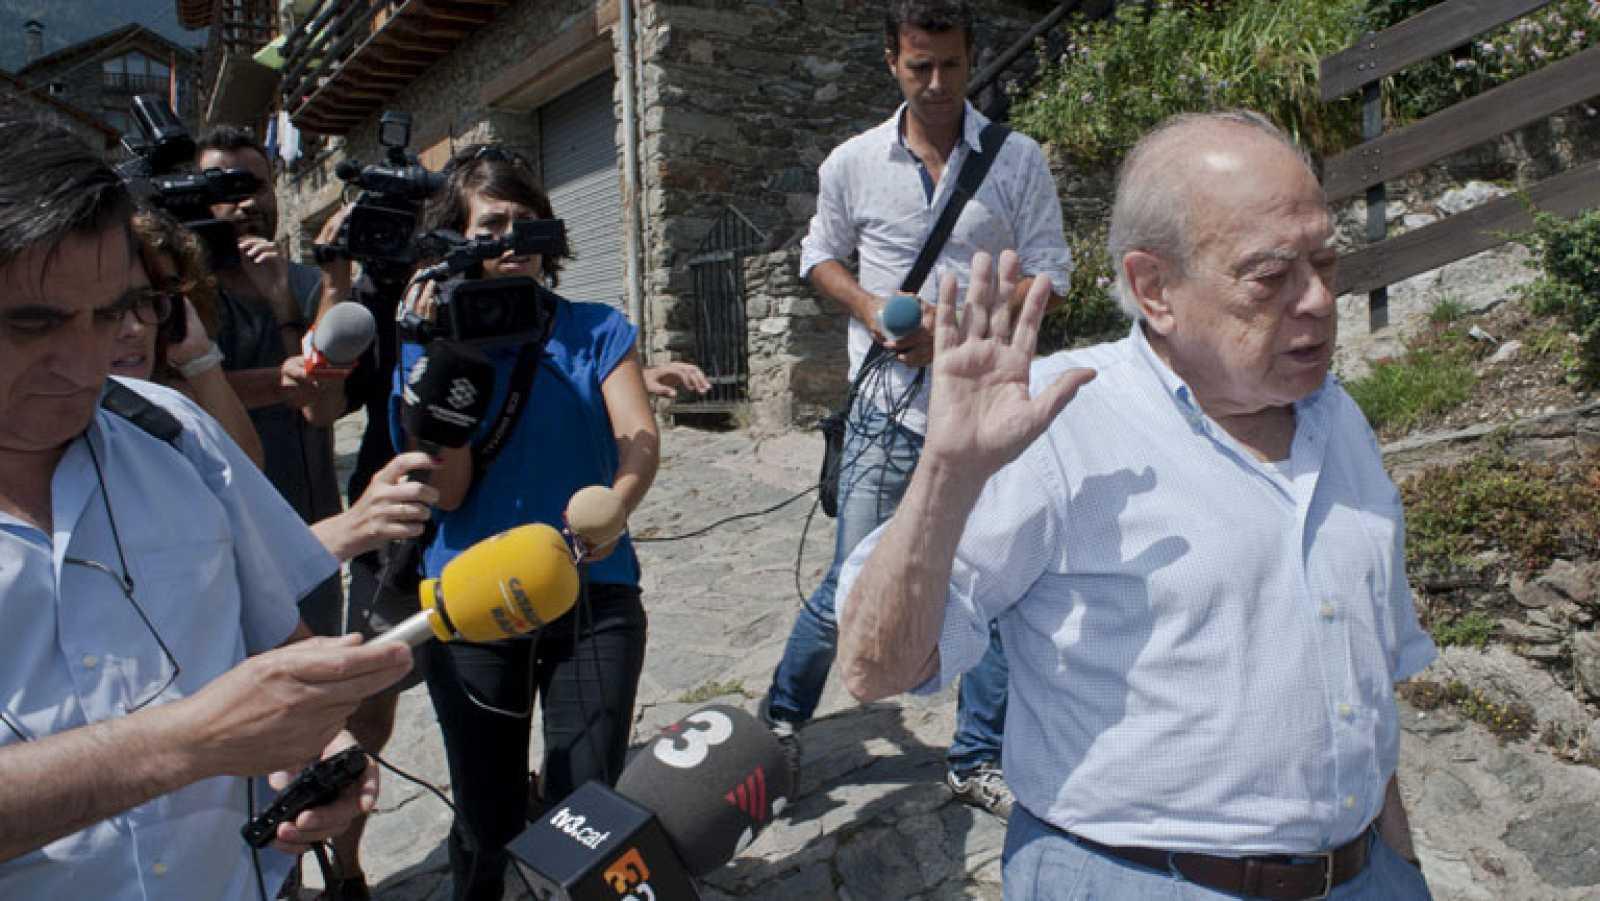 La juez pide a Jordi Pujol el testamento de su padre y la aceptación de la herencia